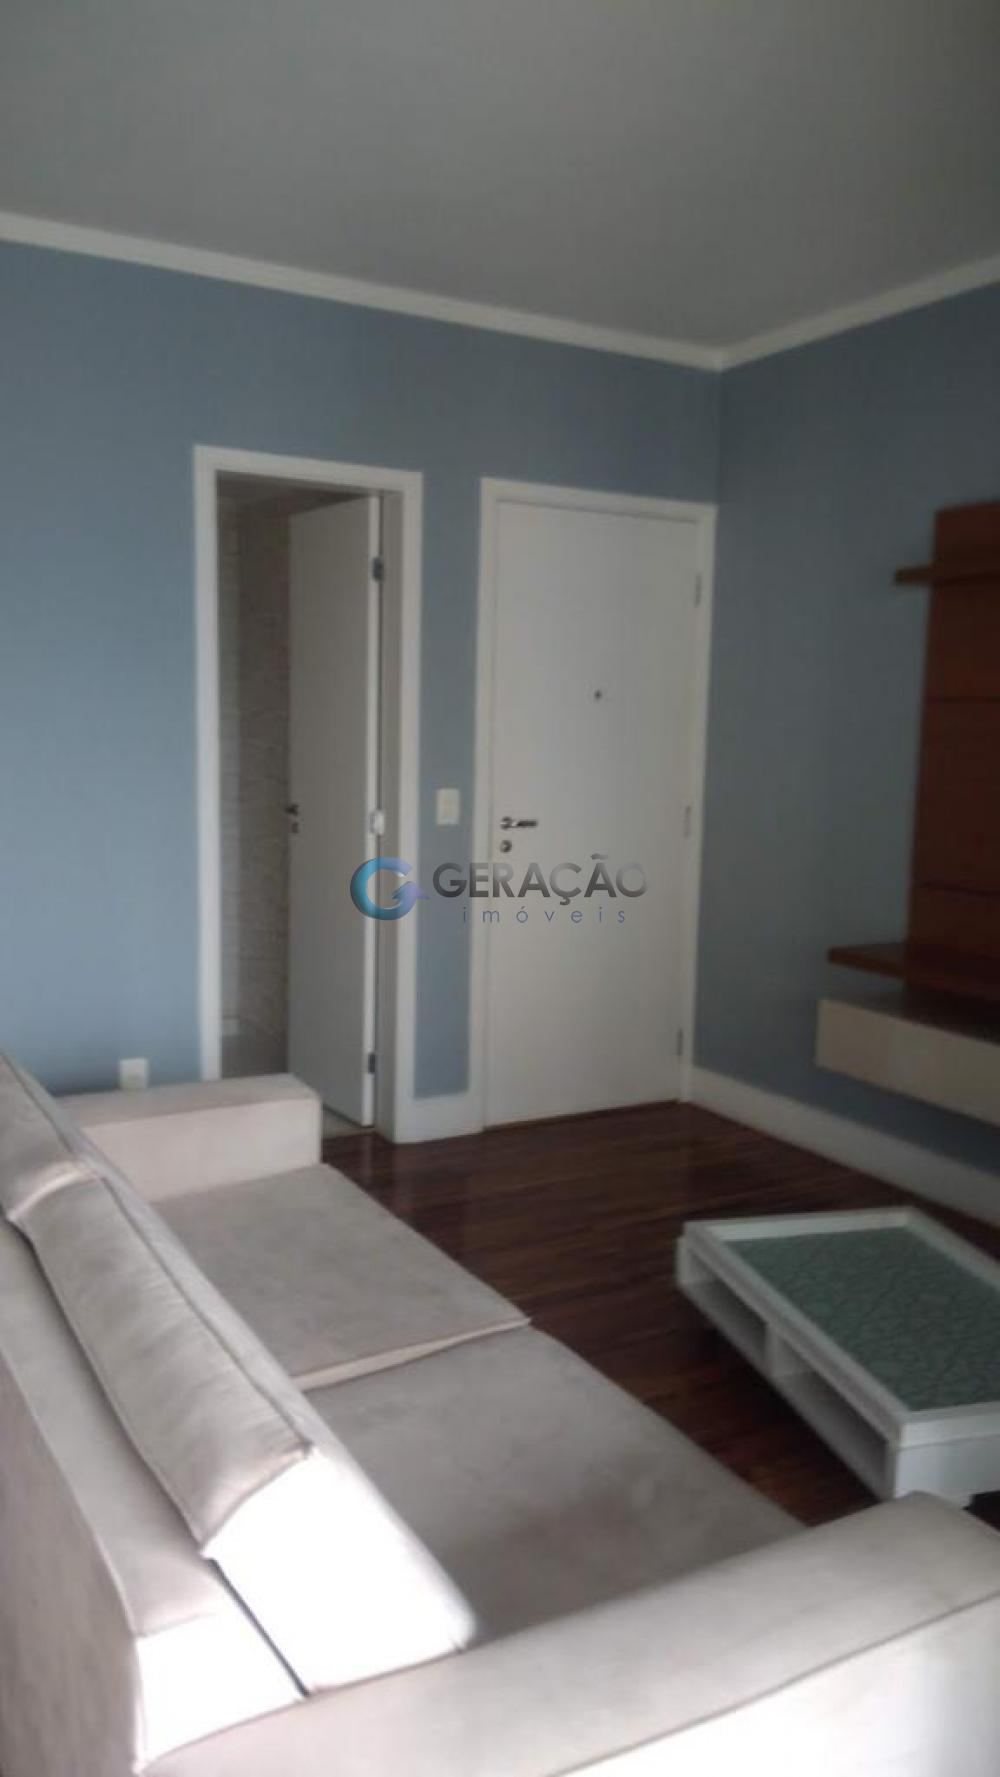 Comprar Apartamento / Padrão em São José dos Campos apenas R$ 690.000,00 - Foto 3